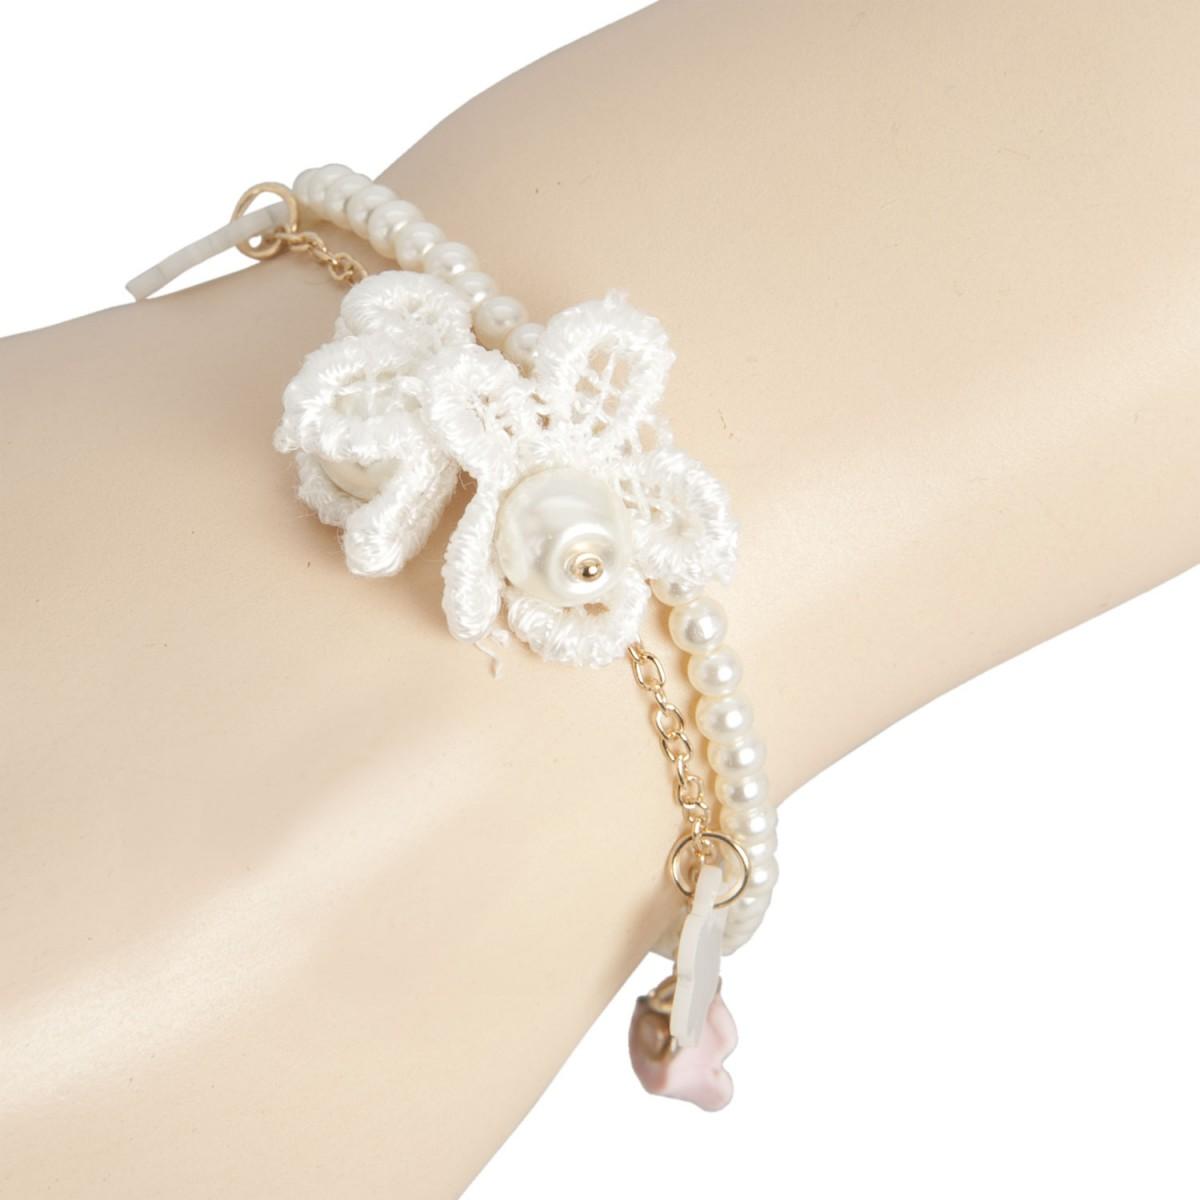 clayre eef armband perlen mit h ckelanh nger und blumen kettchen 7cm mode clayre eef. Black Bedroom Furniture Sets. Home Design Ideas